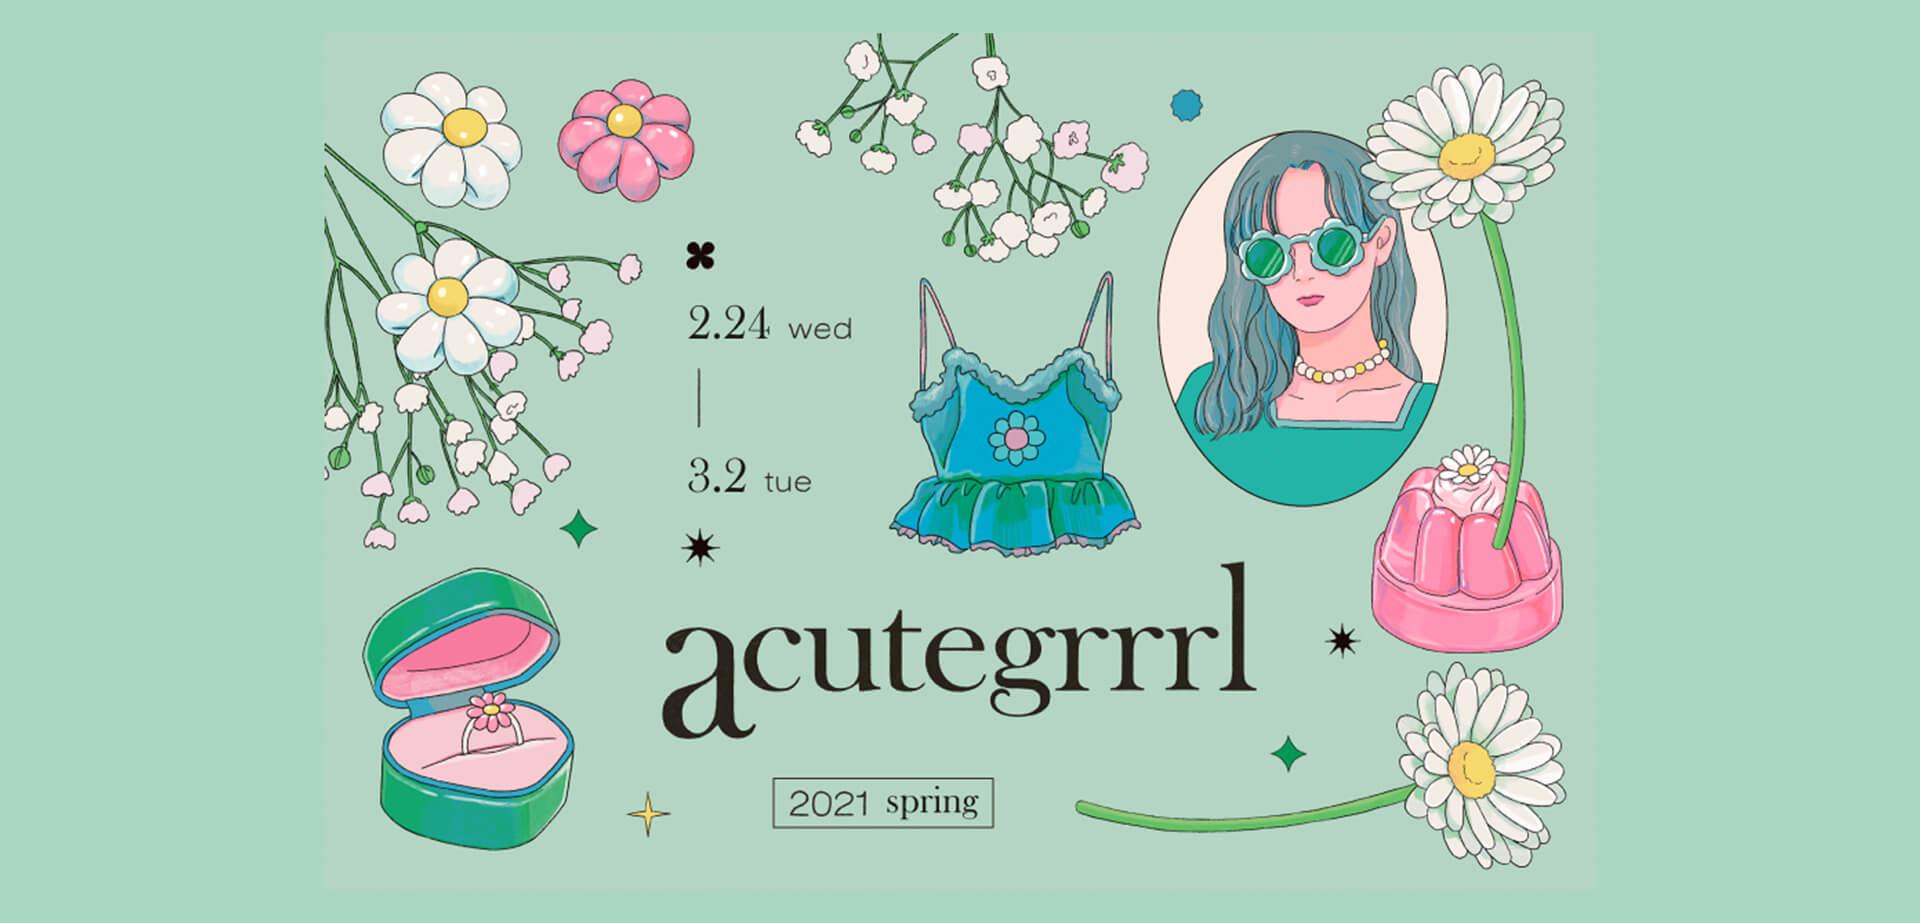 acutegrrrl 2021 spring